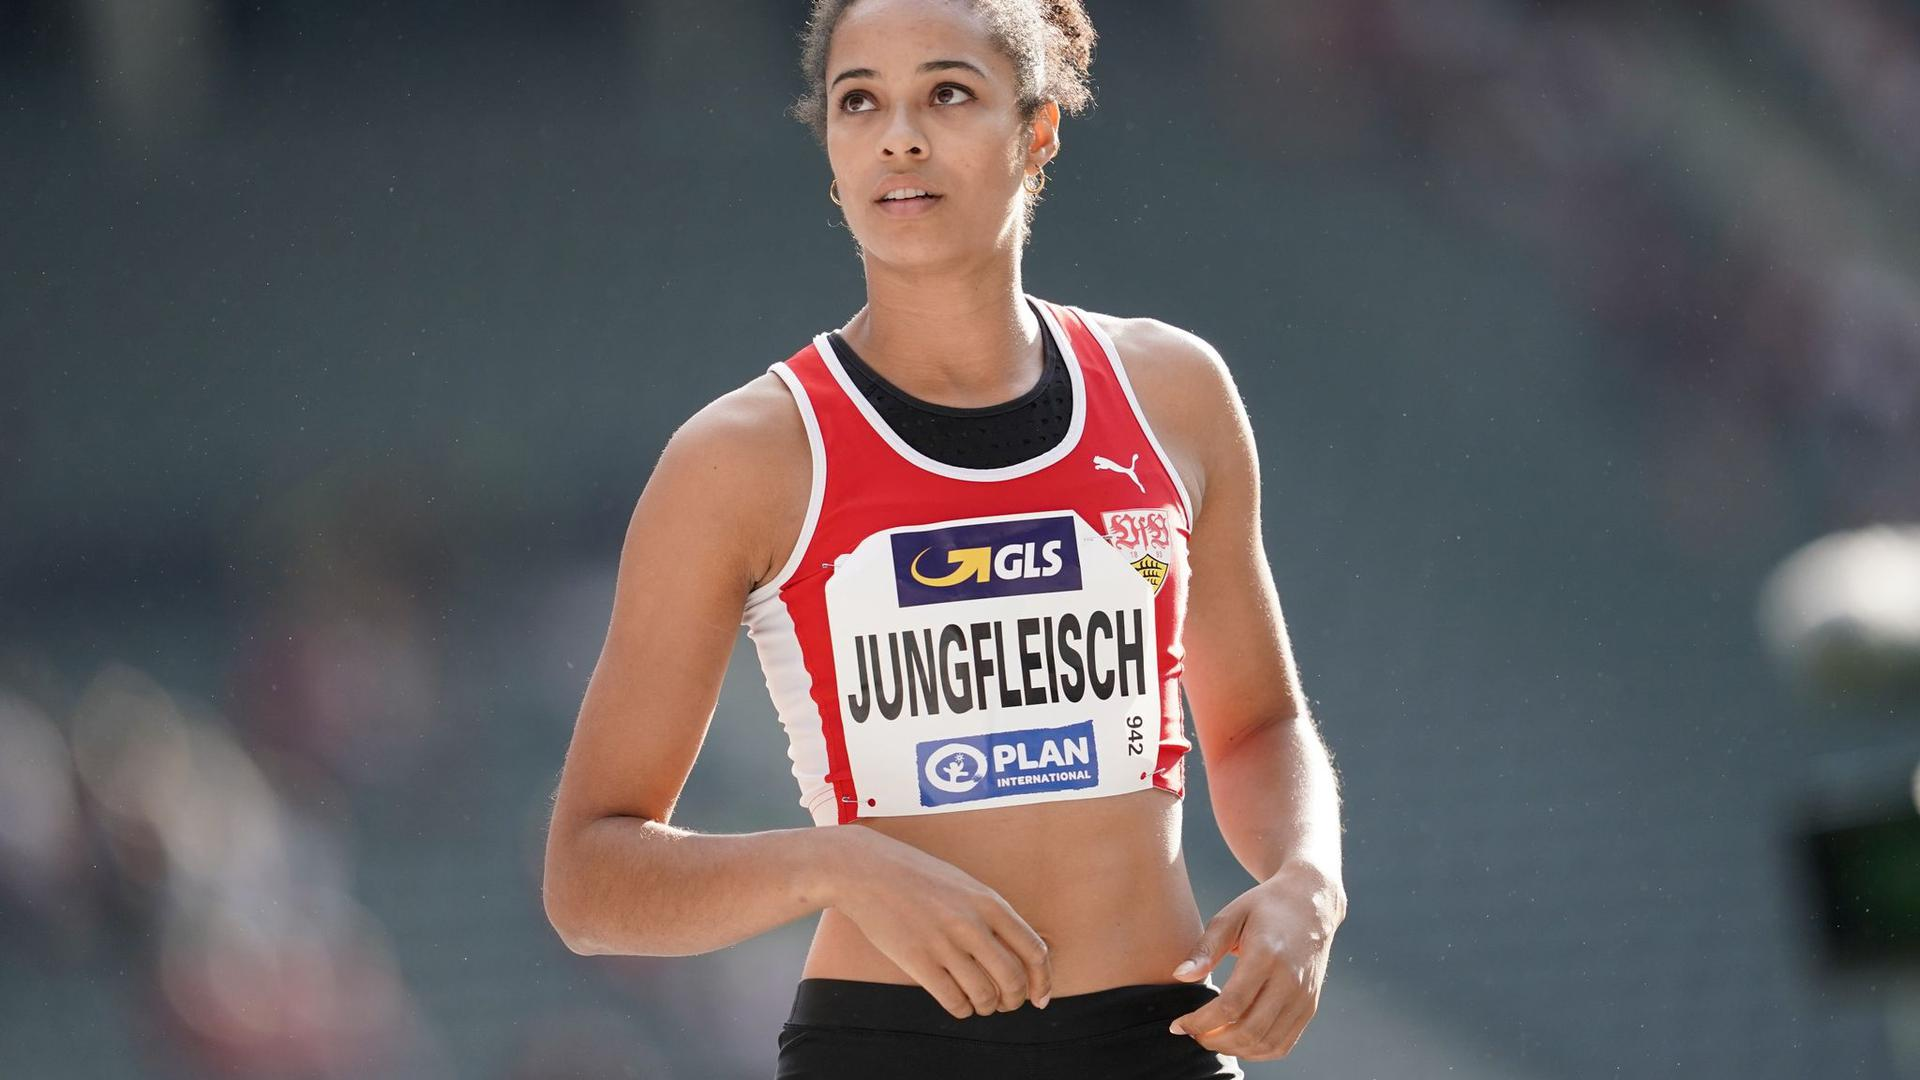 Marie-Laurence Jungfleisch, deutsche Hochspringerin.